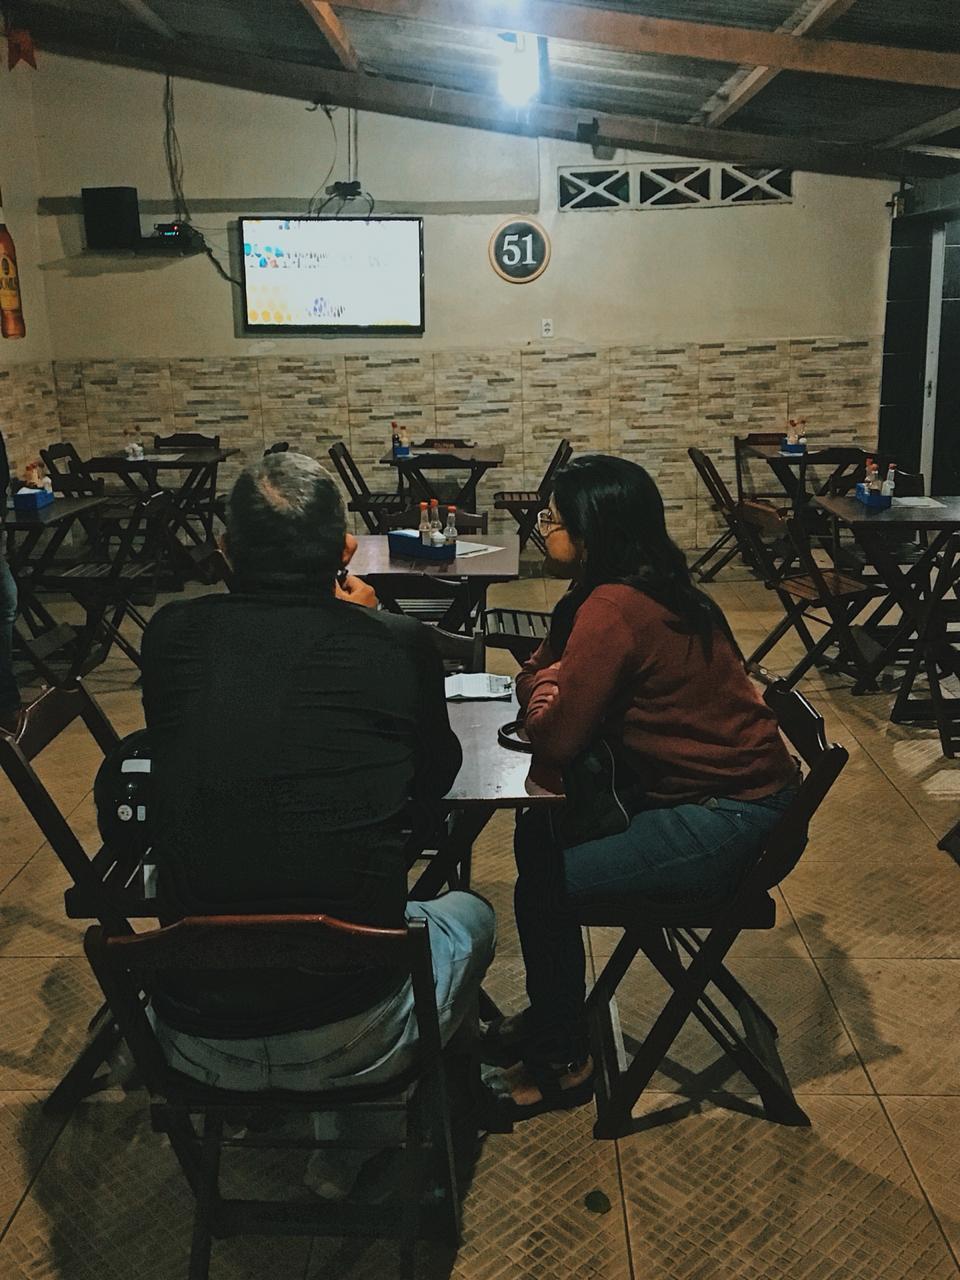 Dentro do bar, televisão para acompanhar o futebol. Foto: Maryana Teles/Coletivo f8